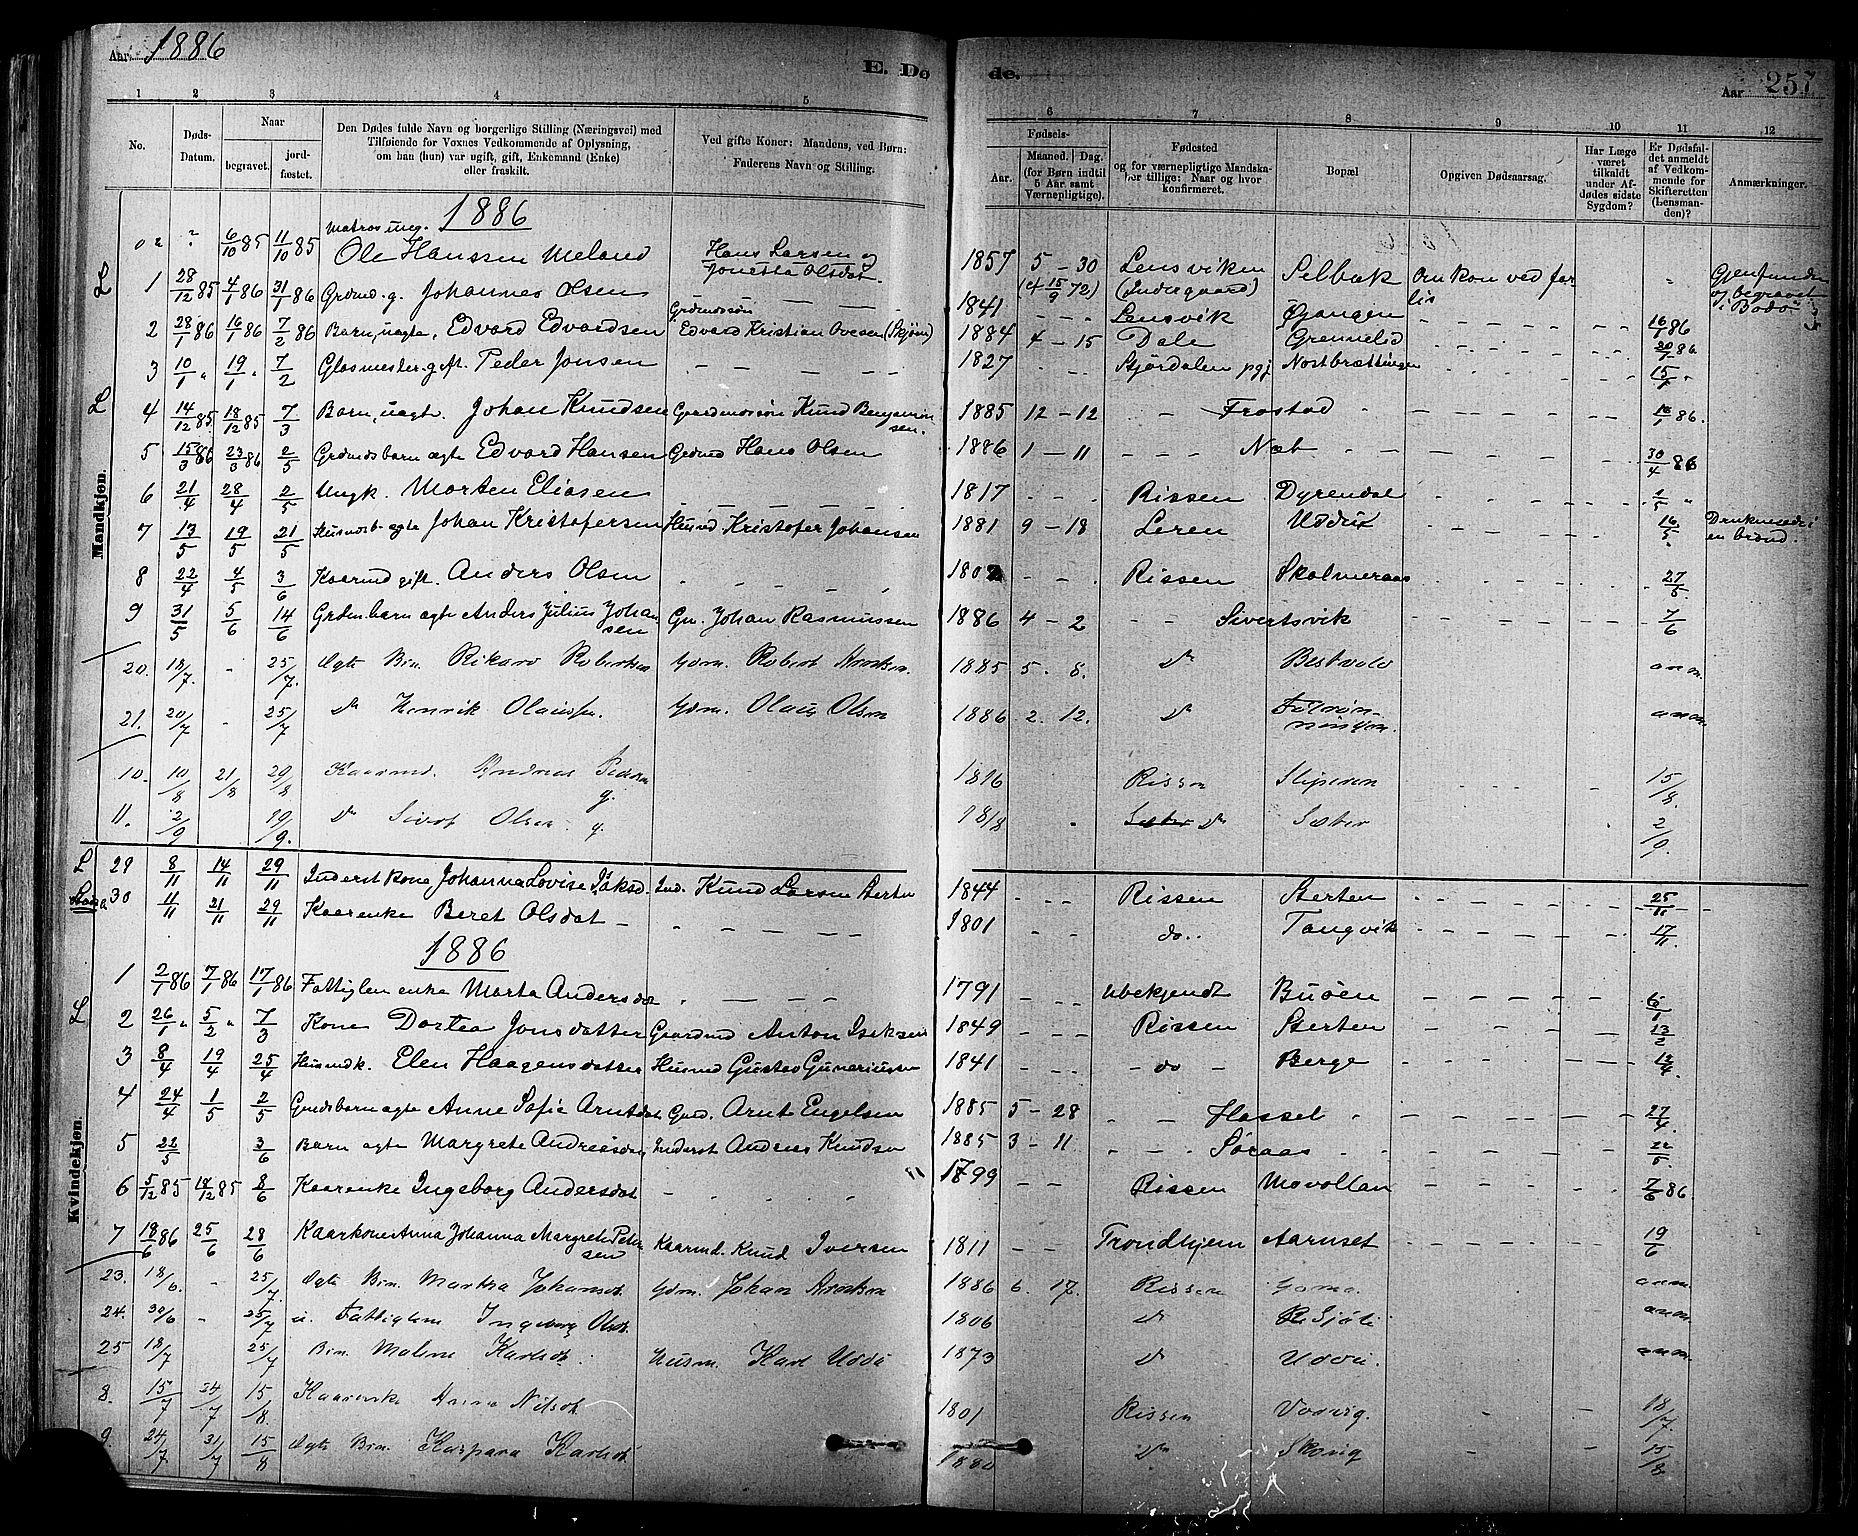 SAT, Ministerialprotokoller, klokkerbøker og fødselsregistre - Sør-Trøndelag, 647/L0634: Ministerialbok nr. 647A01, 1885-1896, s. 257